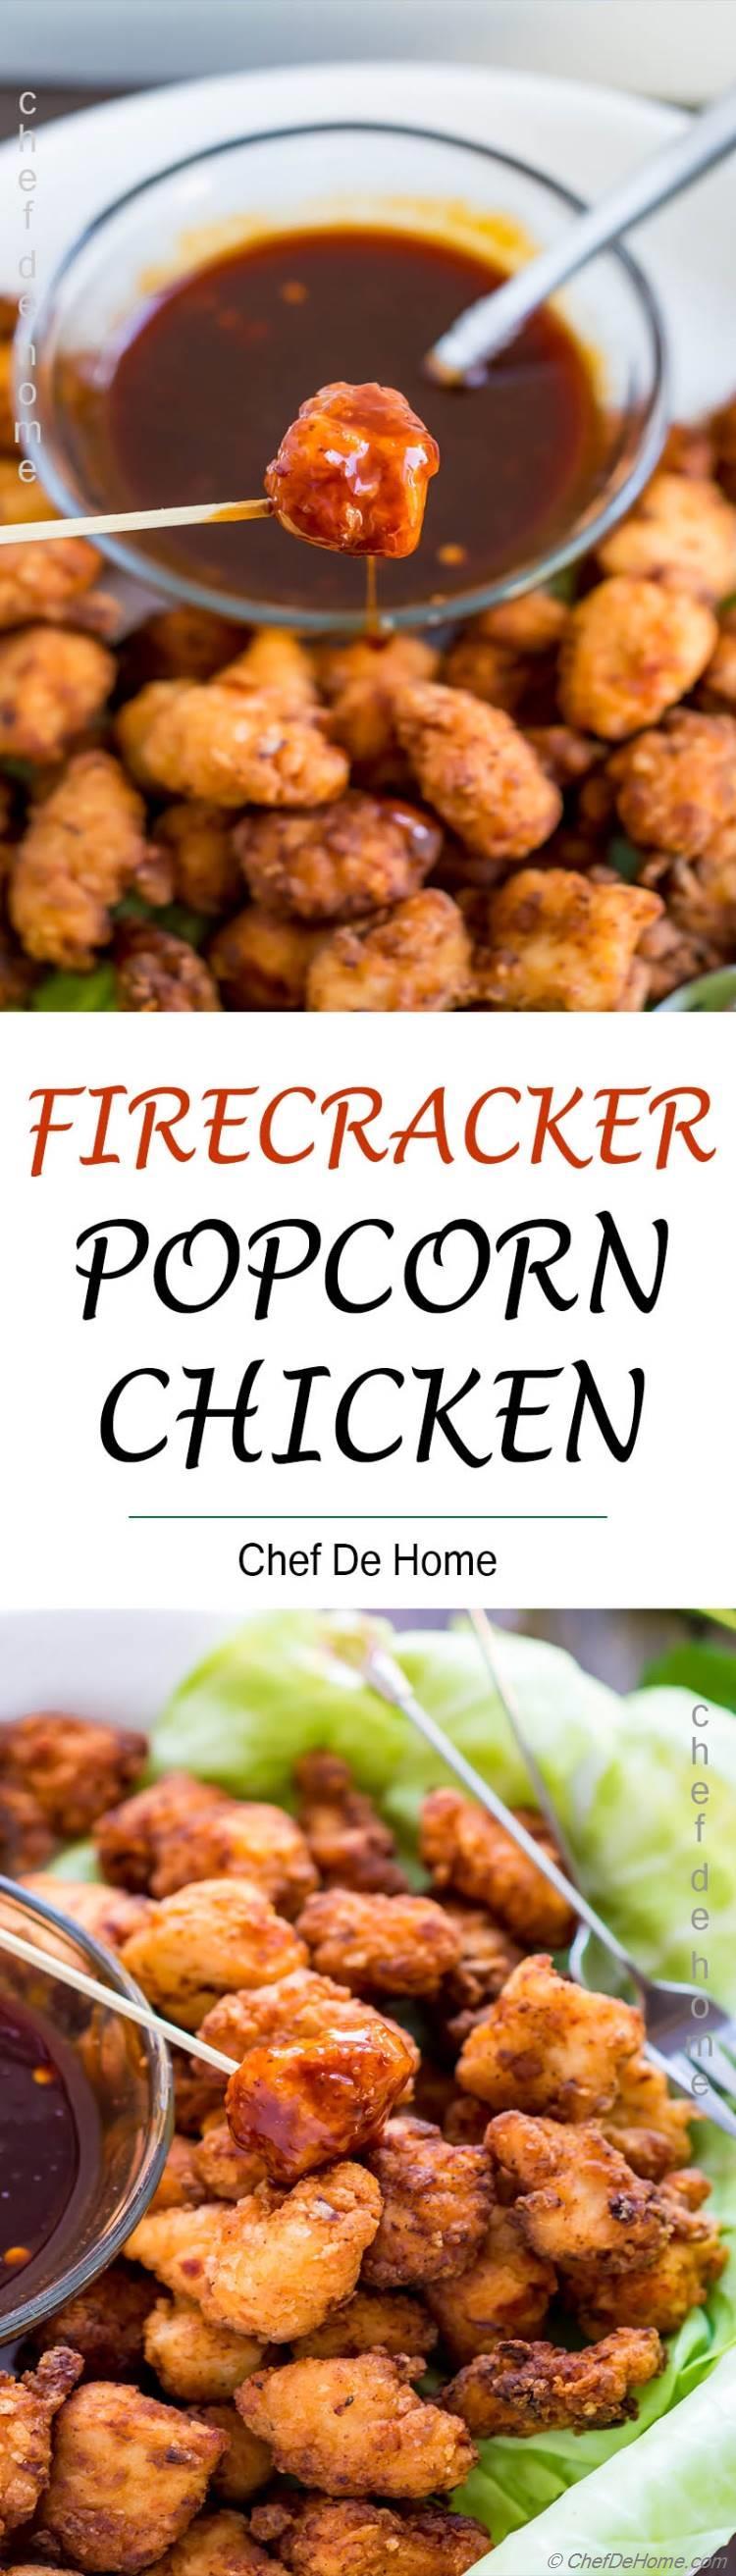 Popcorn Chicken with Firecracker Sauce